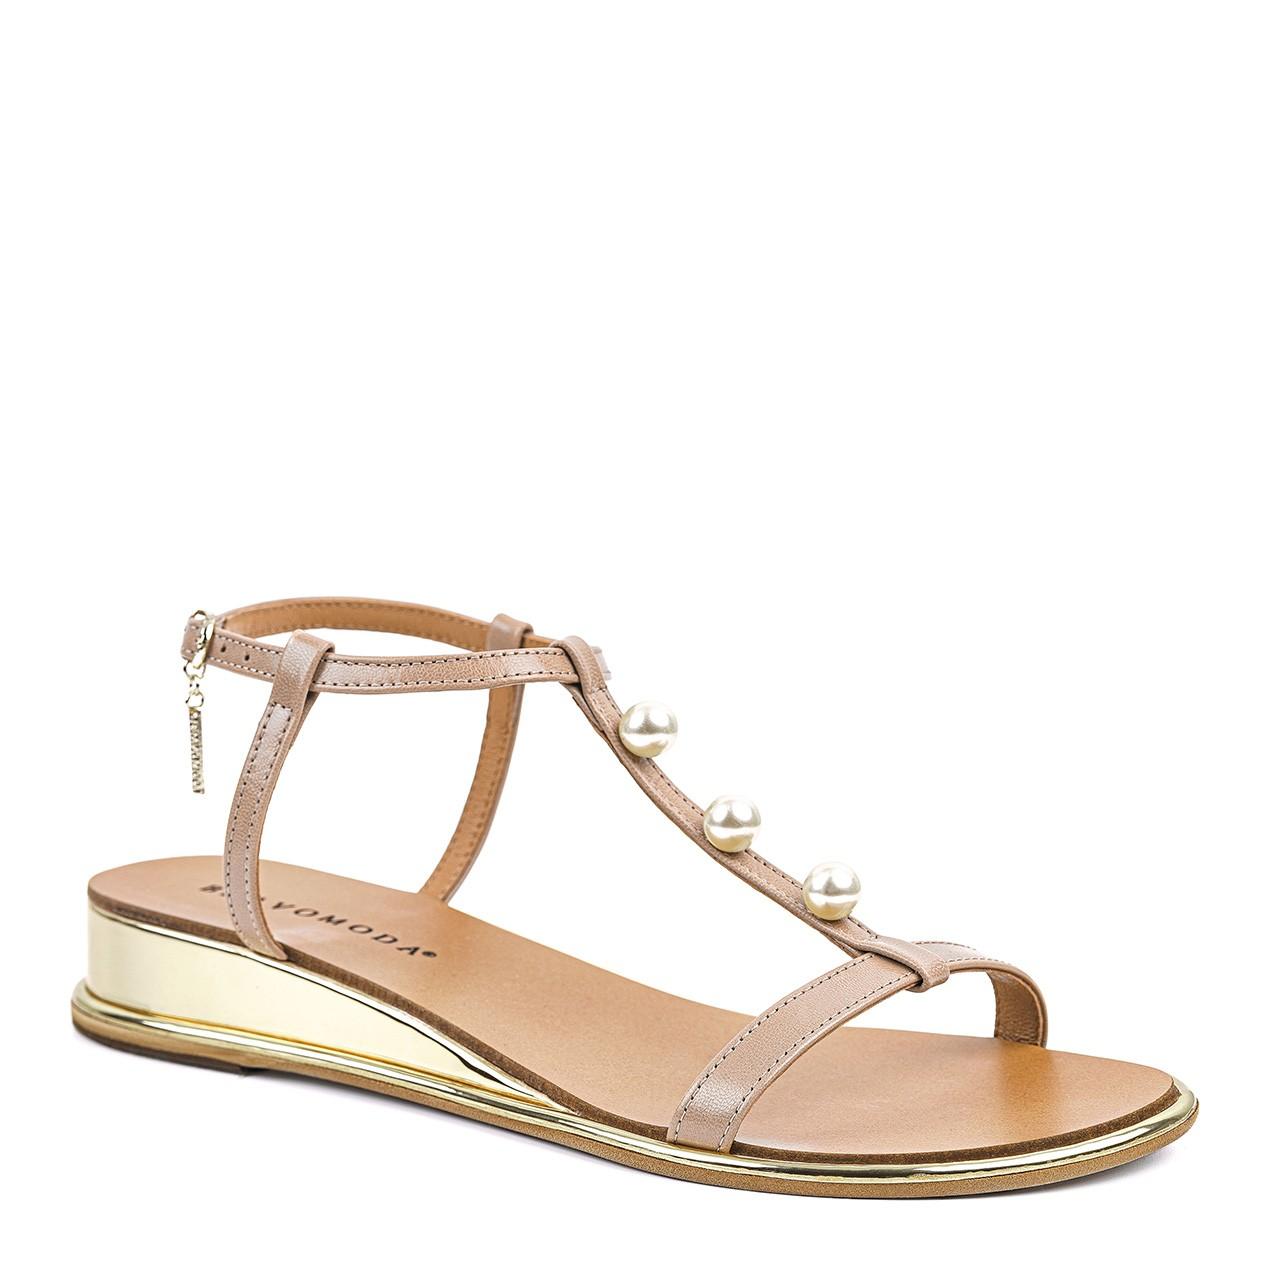 Jasnobrązowe sandały z ozdobnymi perełkami i podwyższonym koturnem